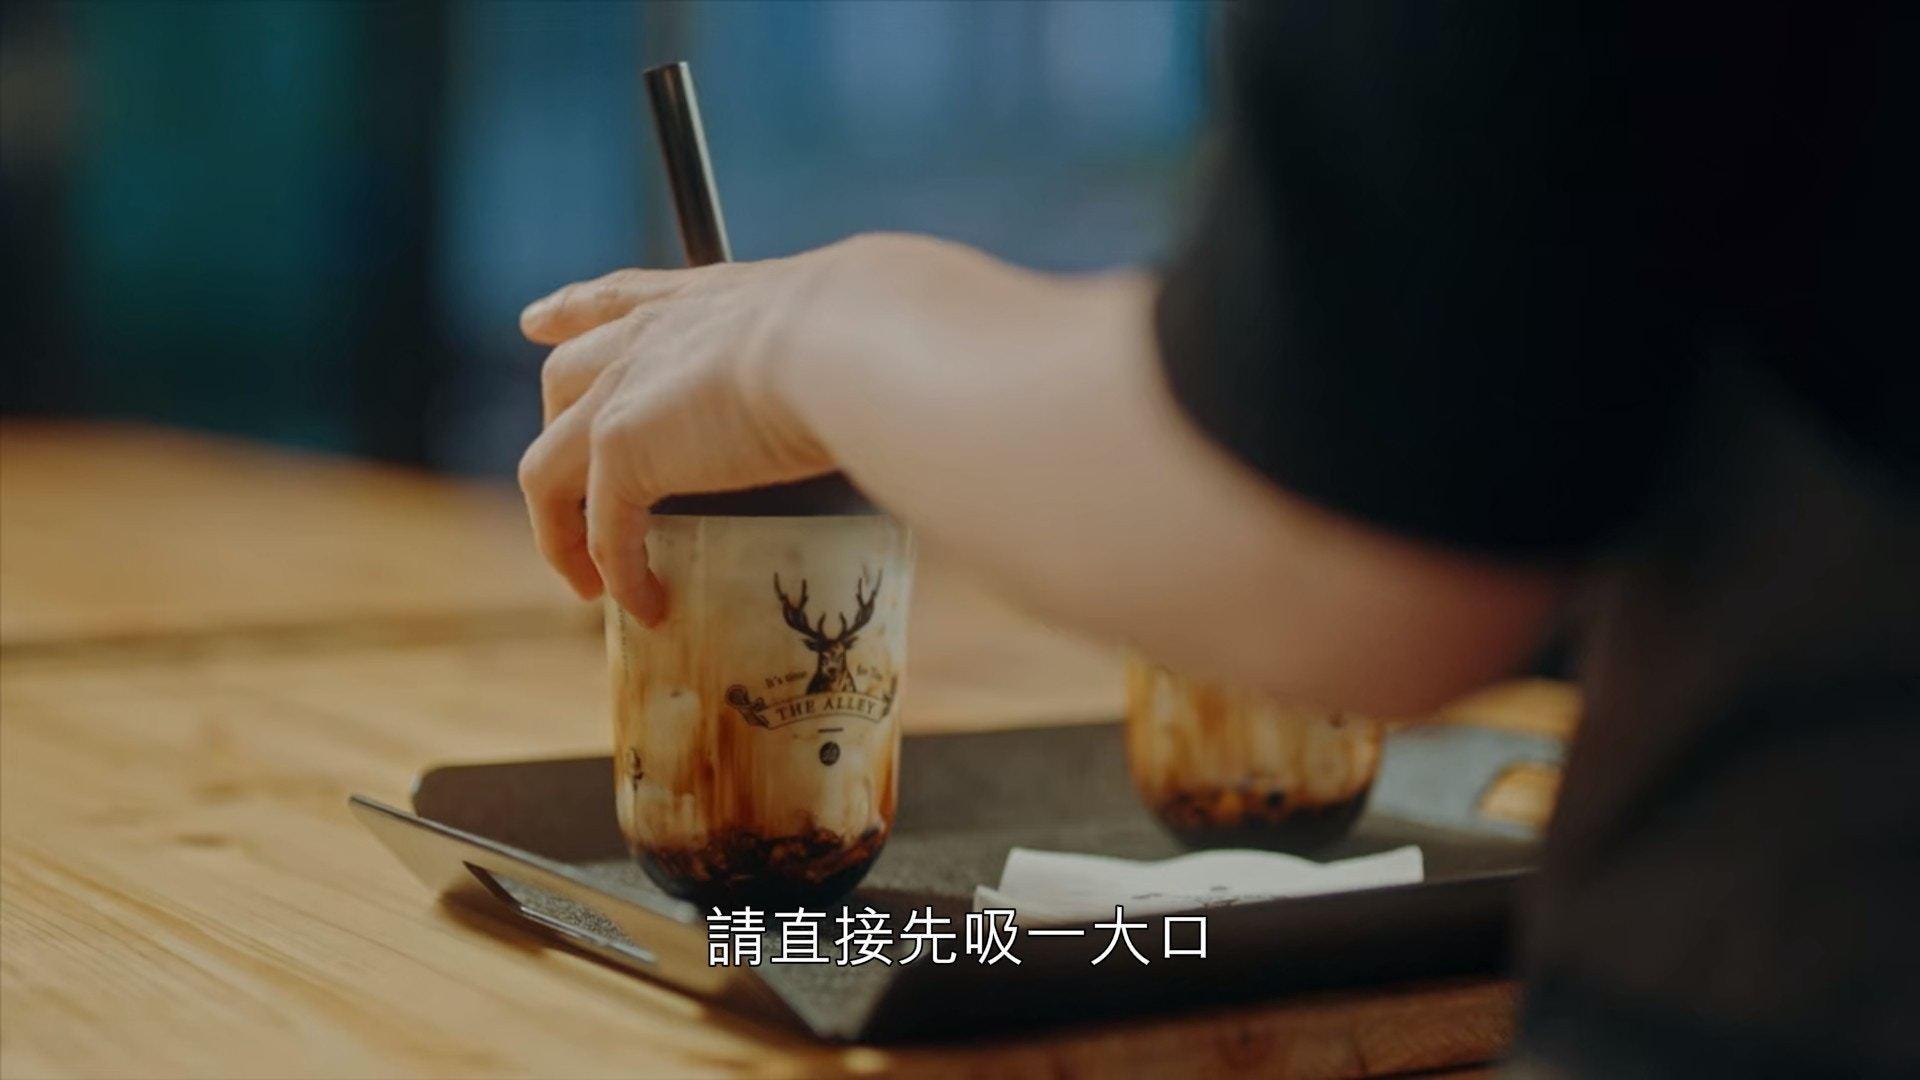 收视创新低!韩剧《国王:永远的君主》广告植入太生硬,引网友吐槽:这是电视剧还是购物广告?插图5